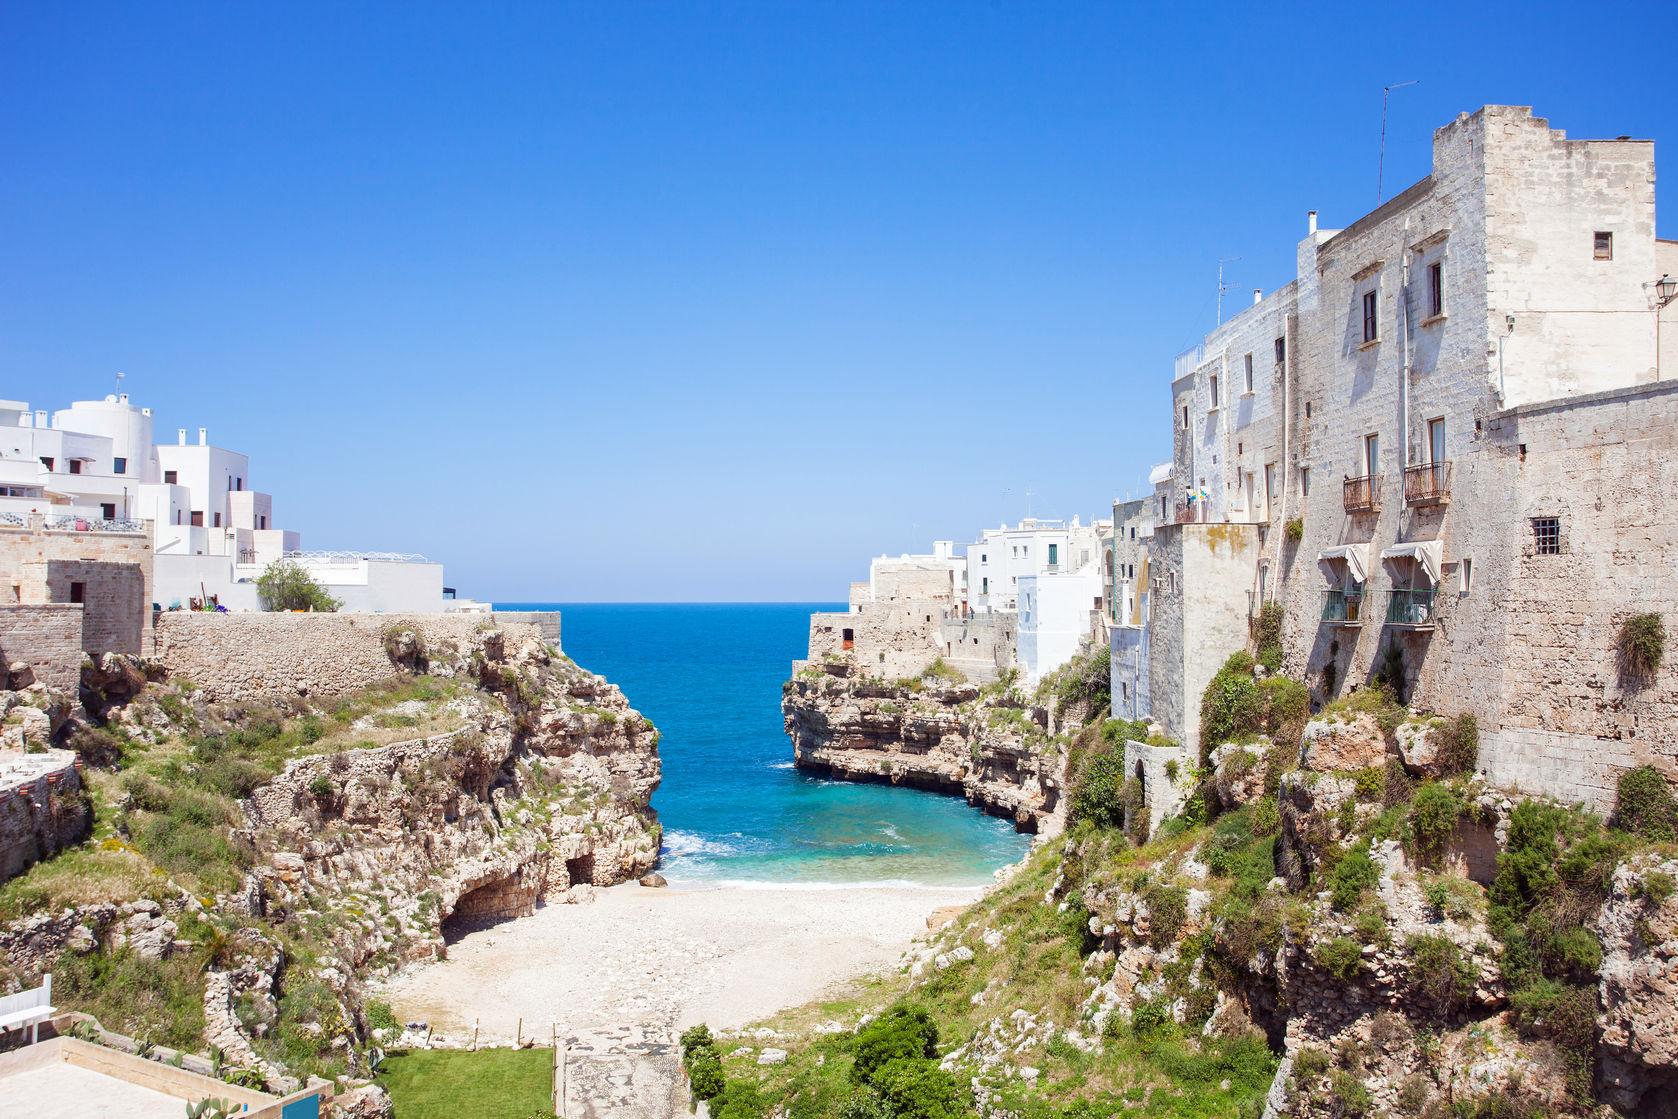 Villaggi turistici in puglia sul mare blog for Vacanze a barcellona sul mare